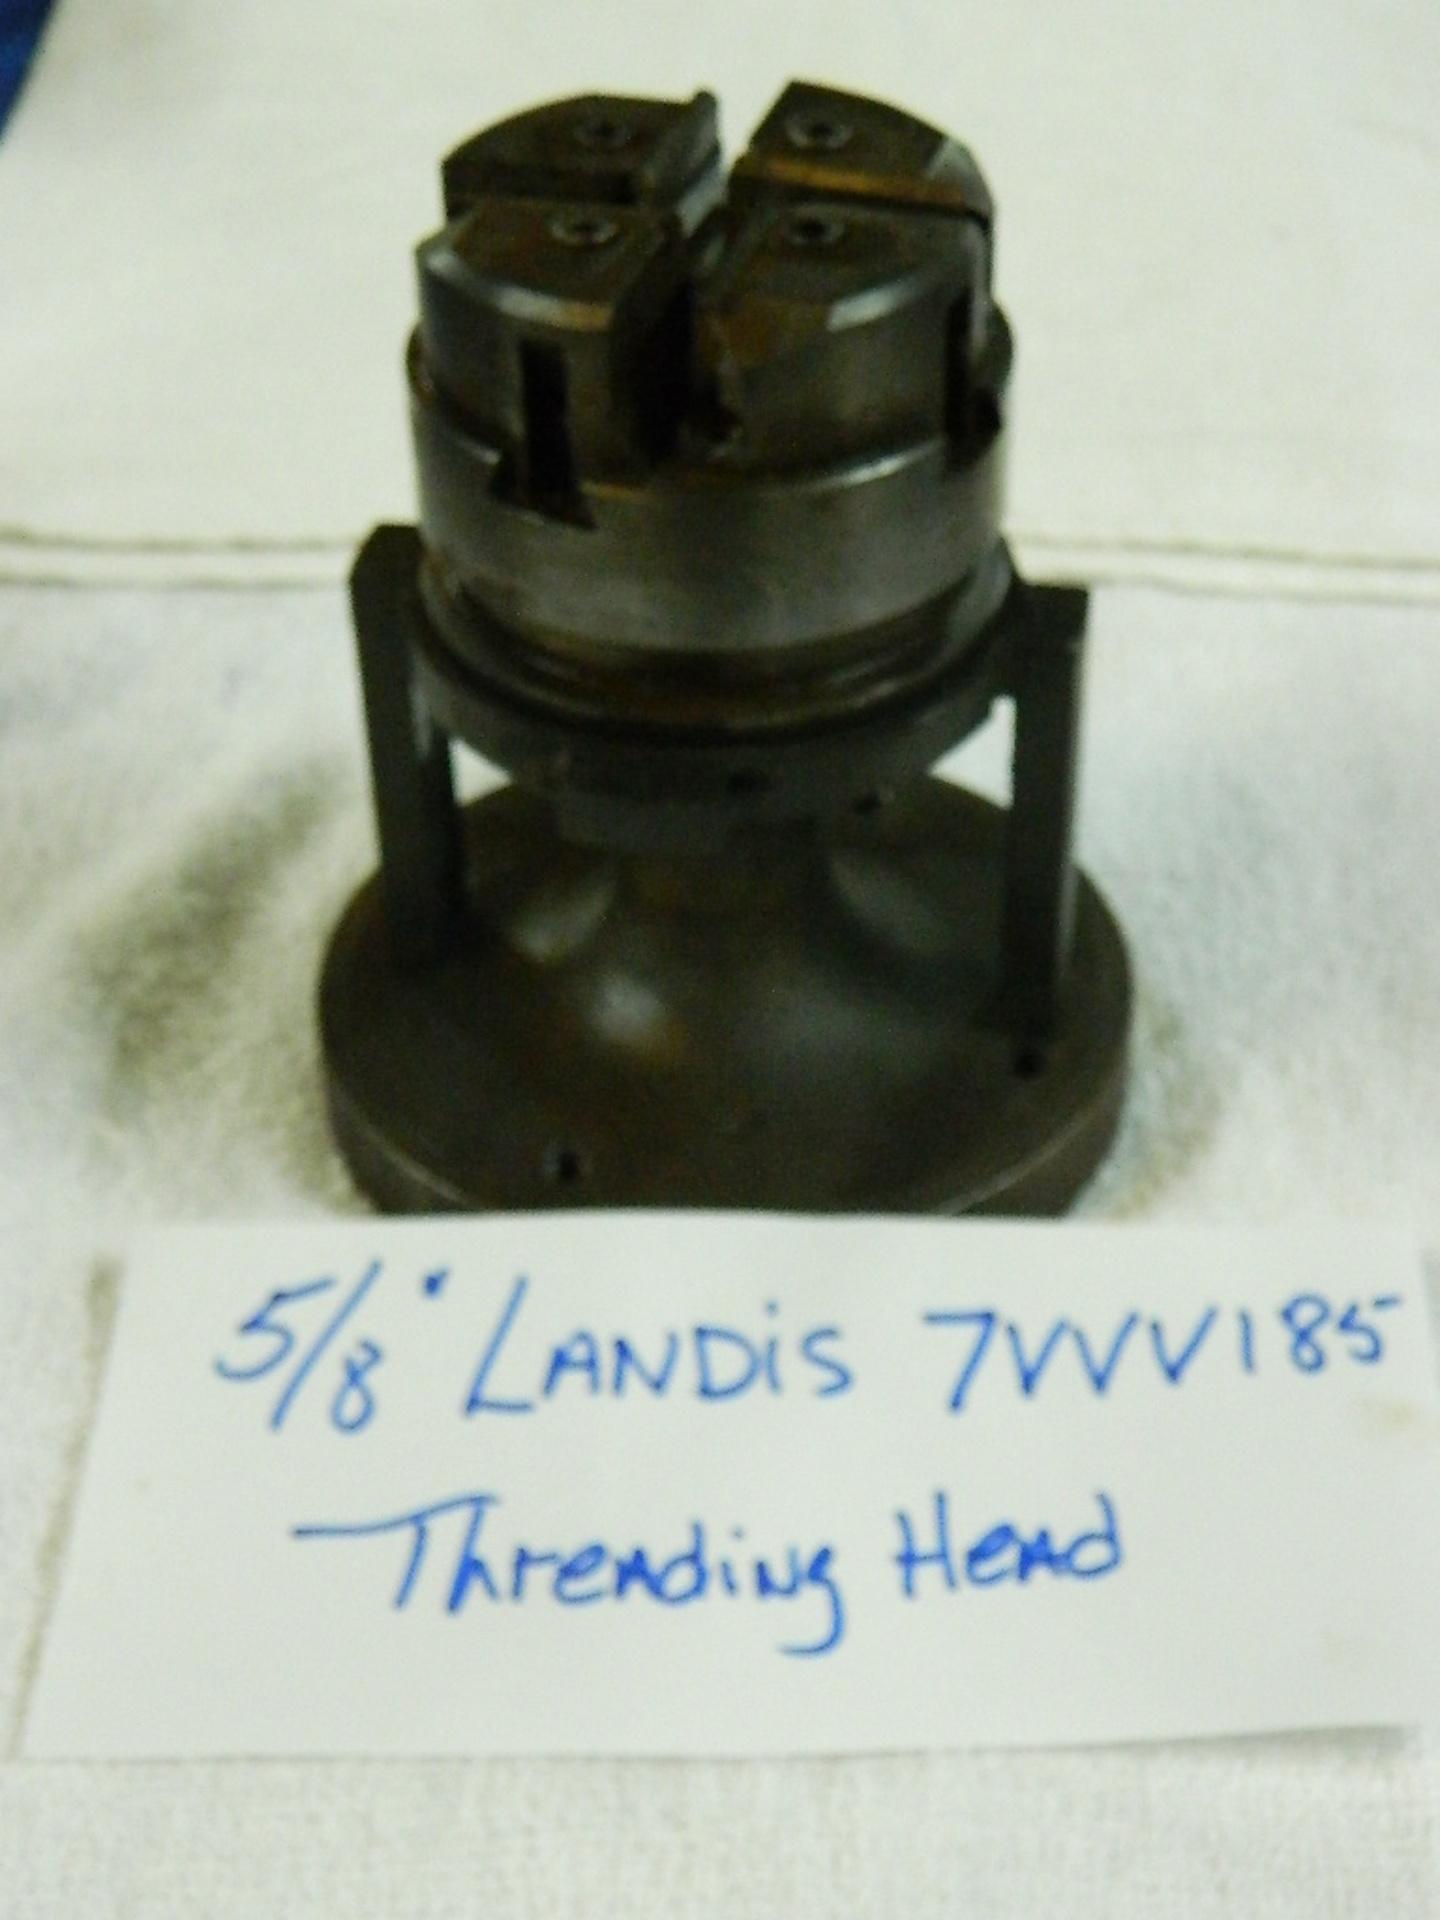 """5/8"""" LANDIS BOLT + PIPE THREADING HEAD, SER# 7VVV185"""